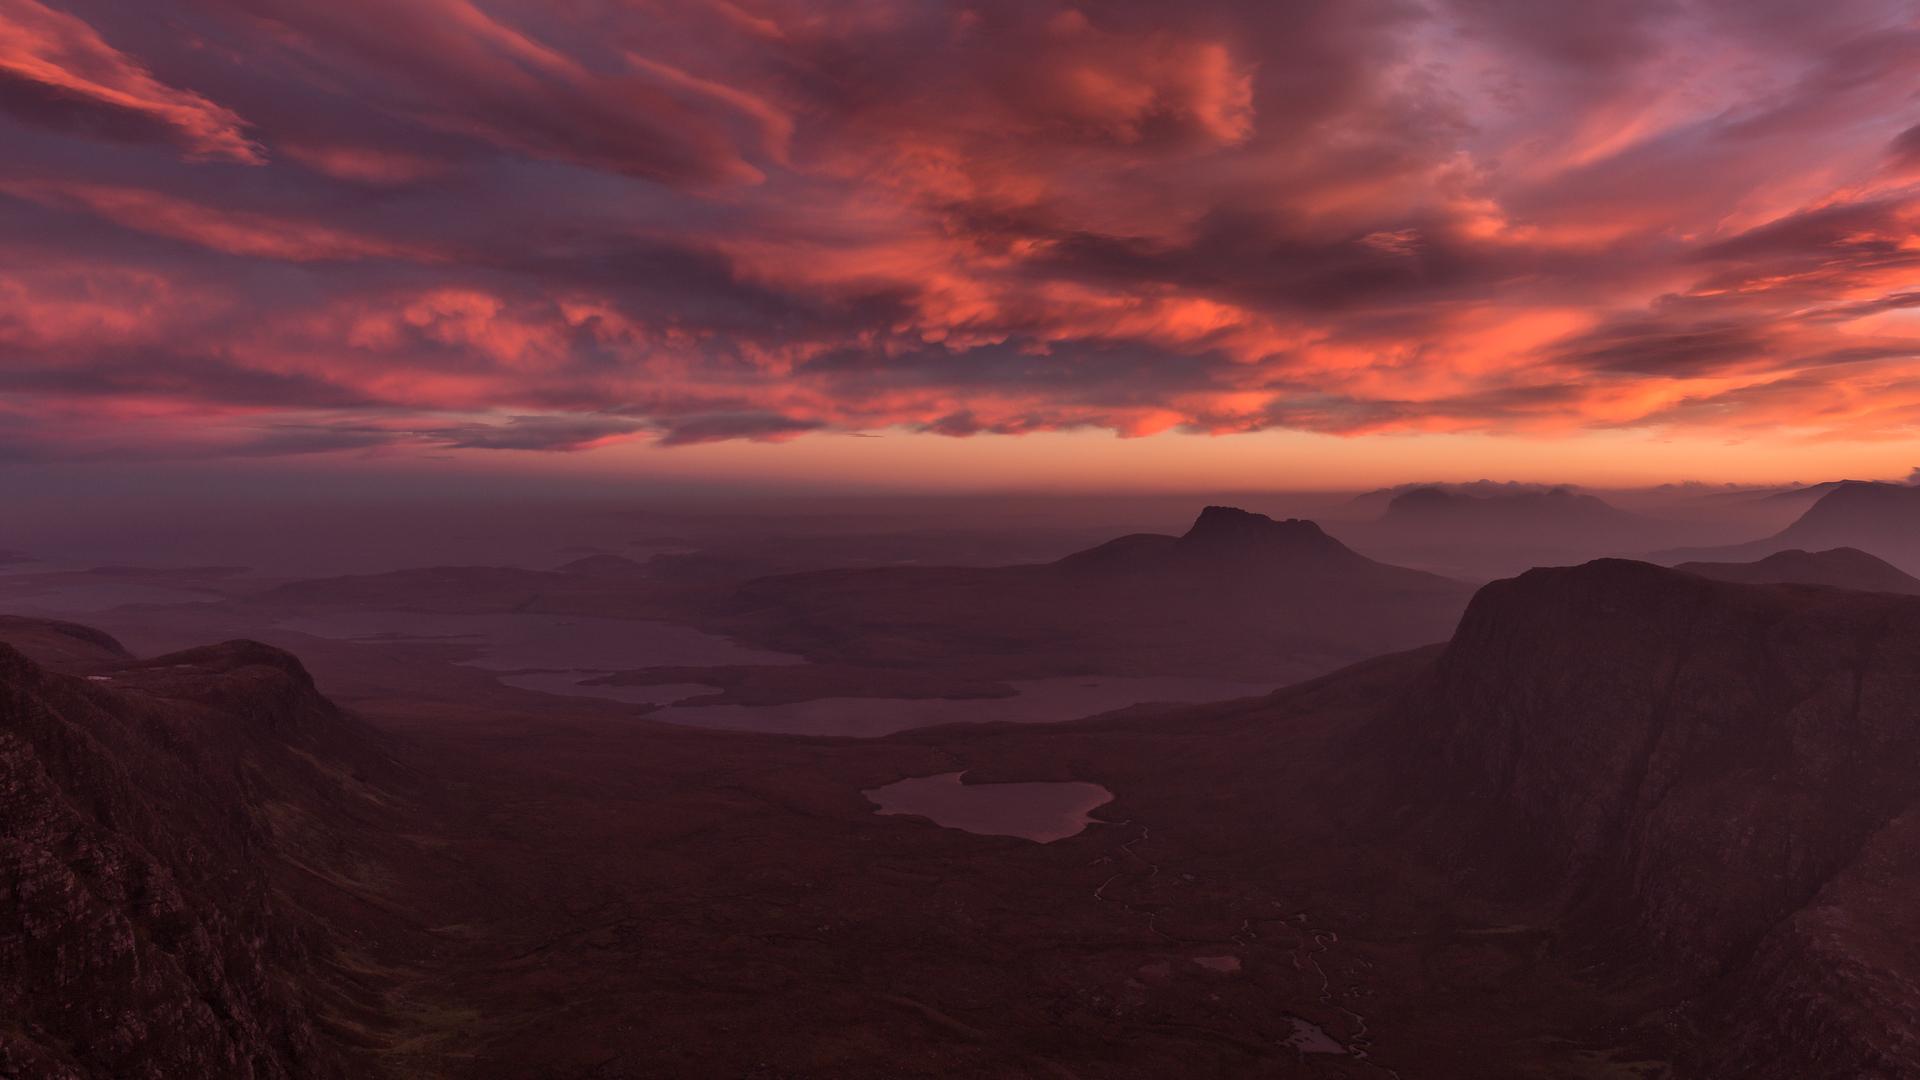 highlands-landscape-4k-hs.jpg